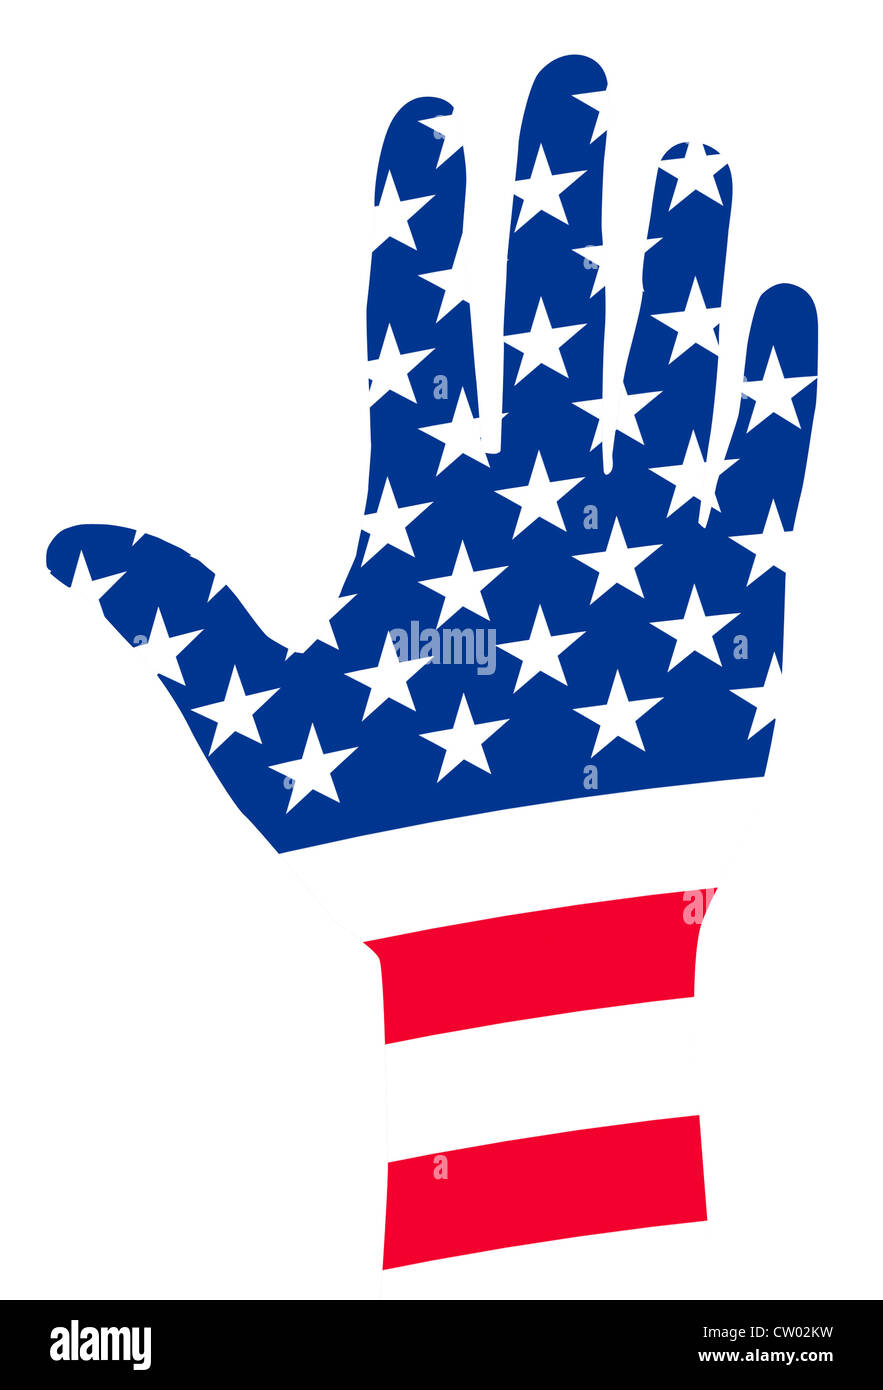 United states - Stock Image